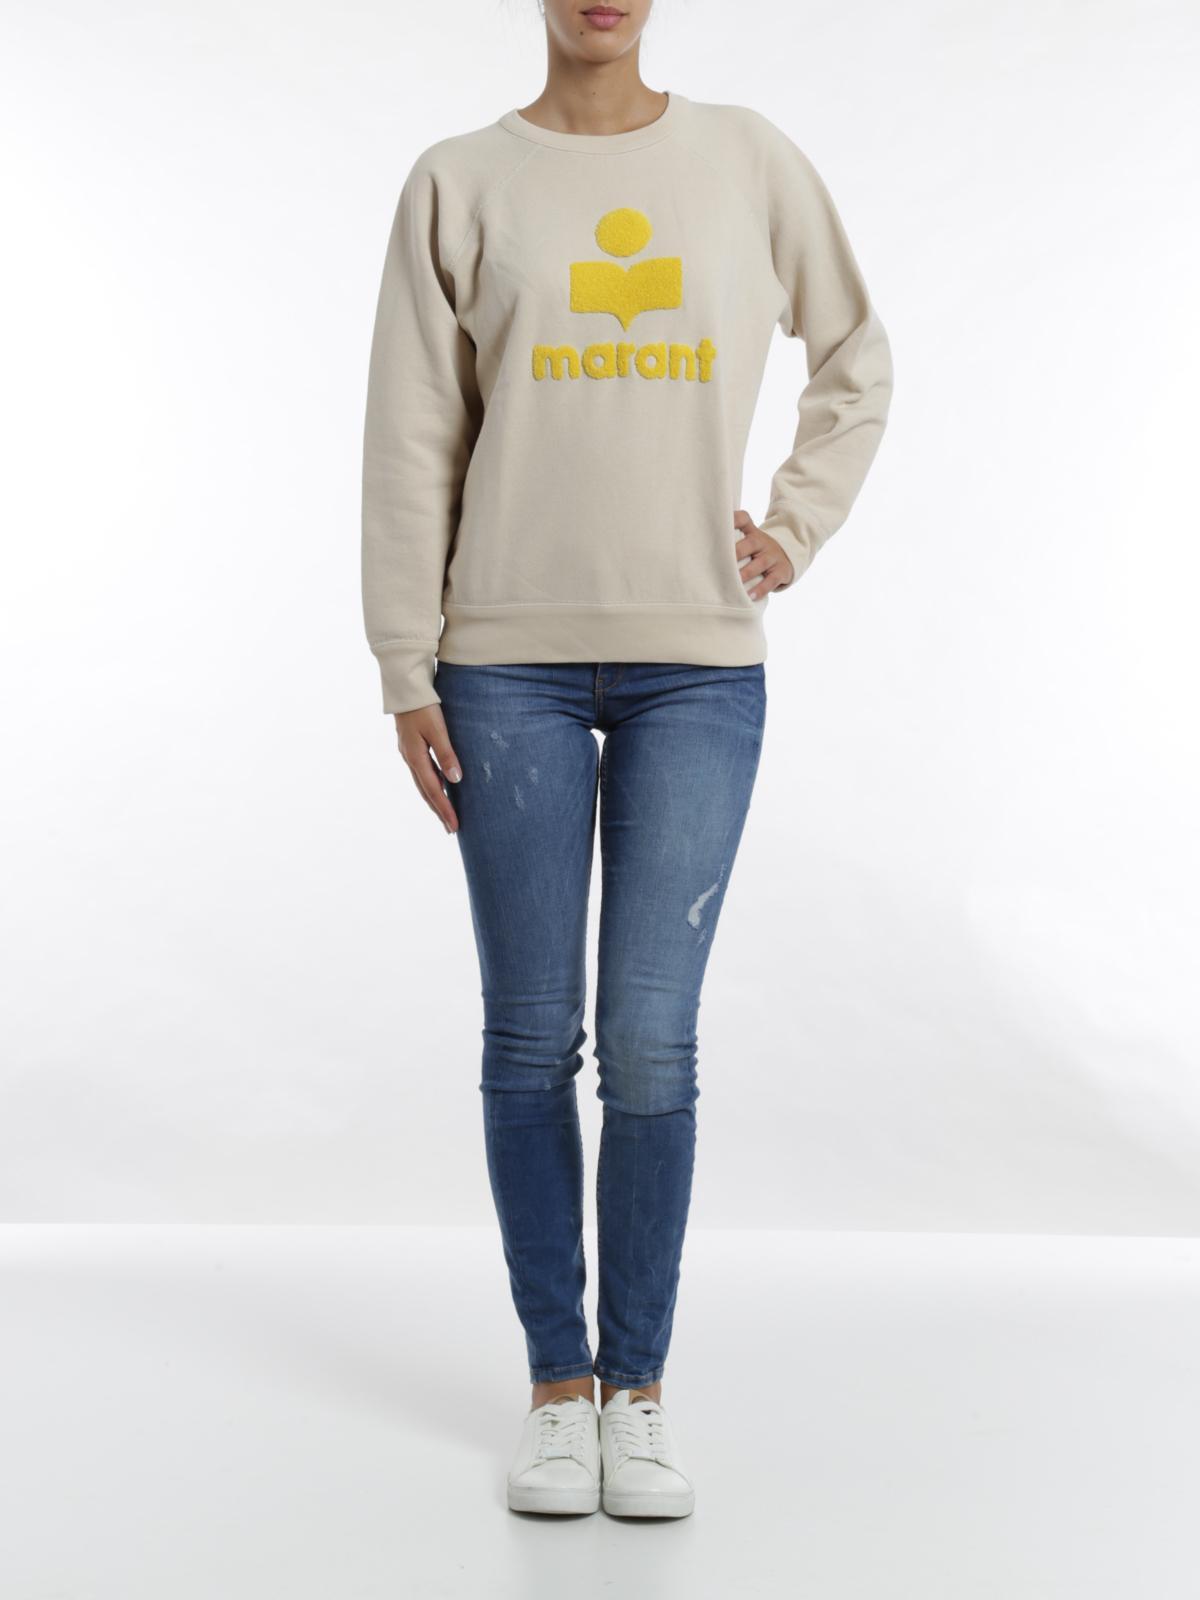 isabel marant shop online